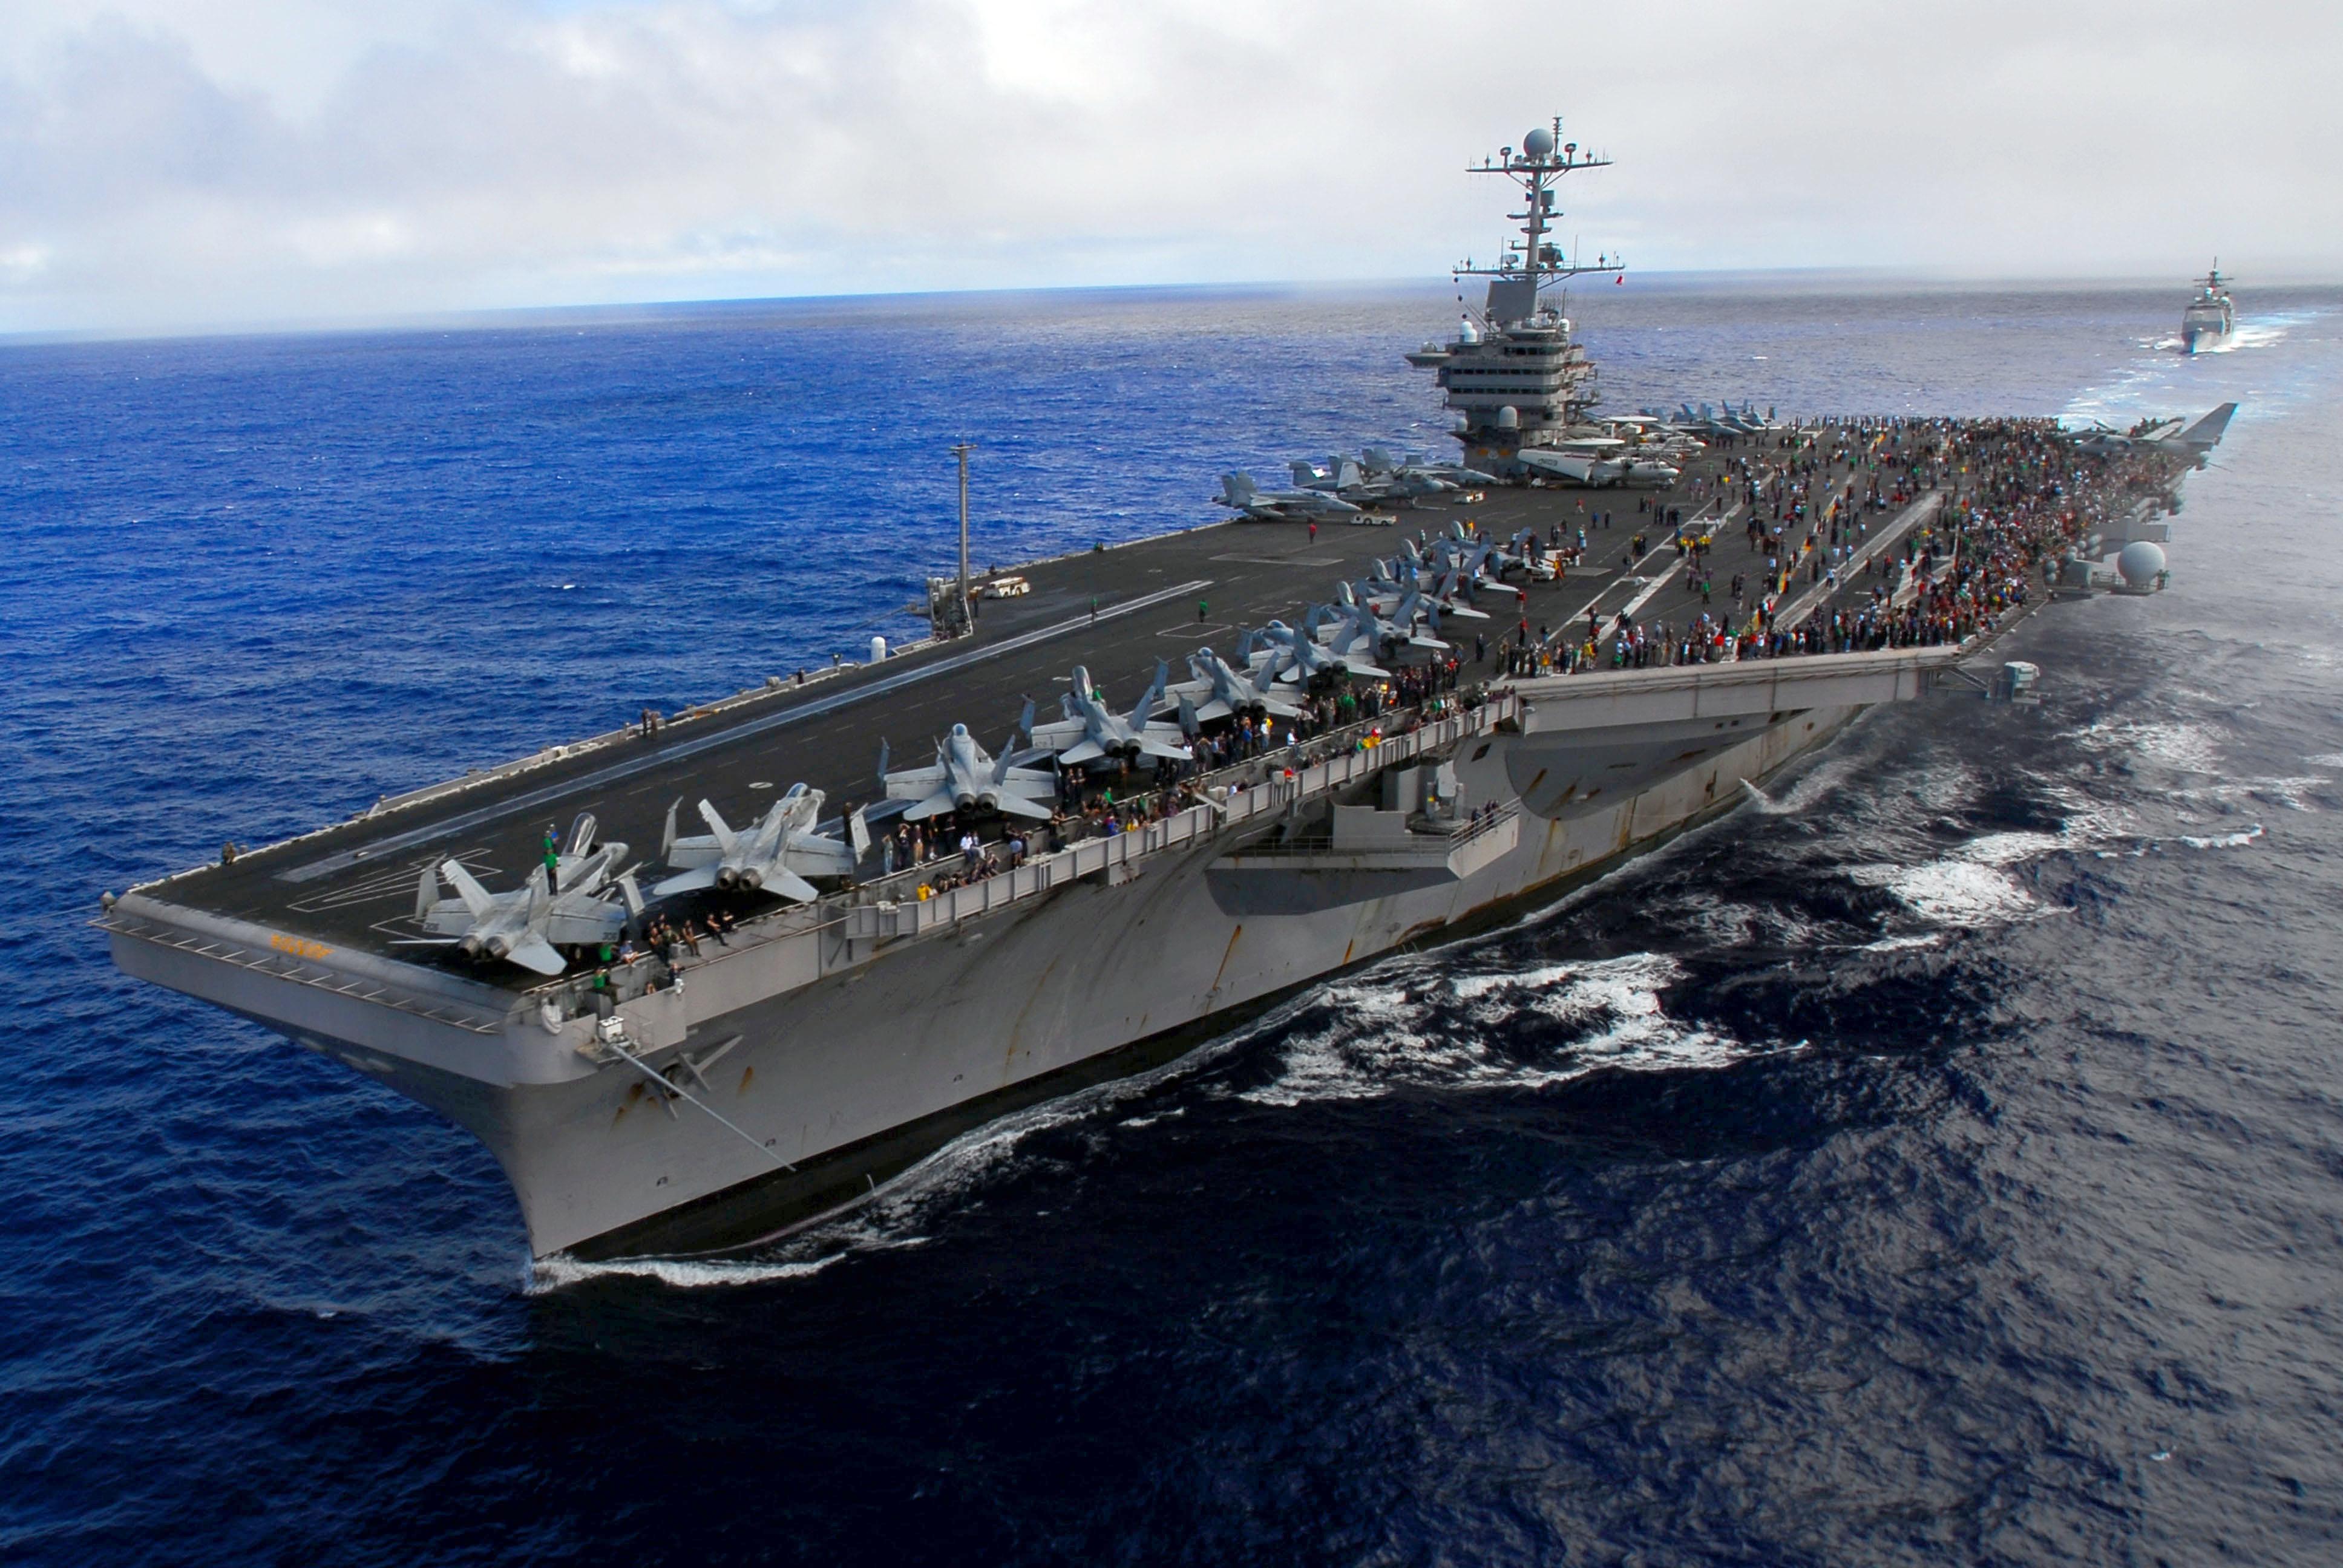 پهپاد ایران مانع از فرود جنگنده آمریکایی بر ناو «نیمیتز» شد